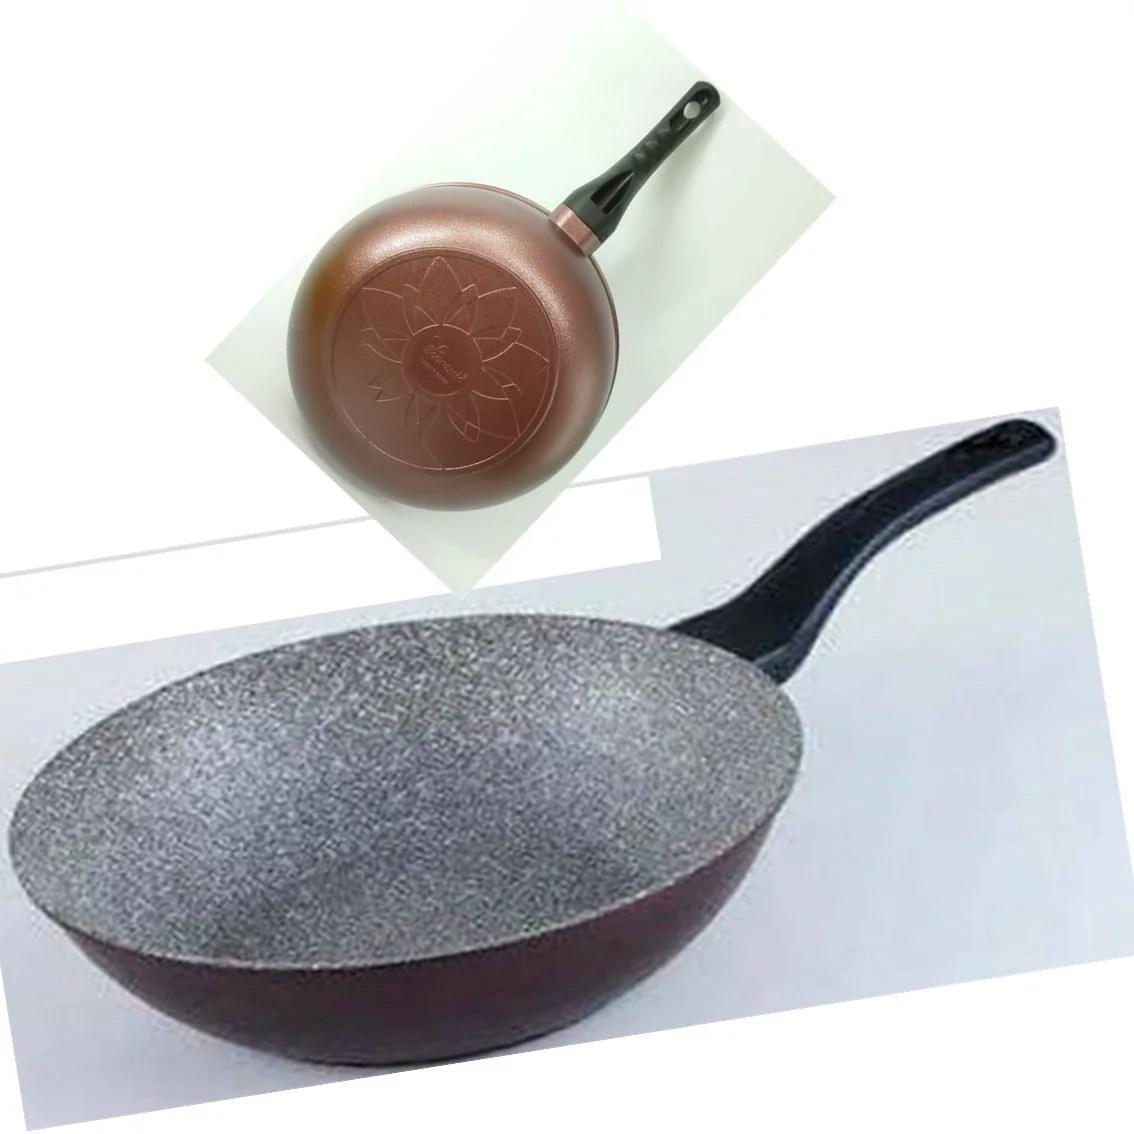 韓國Ecoramic鈦晶石頭抗菌不沾鍋 平底鍋【30cm 酒紅色大深鍋 】 | 樂活生活館 - Rakuten樂天市場